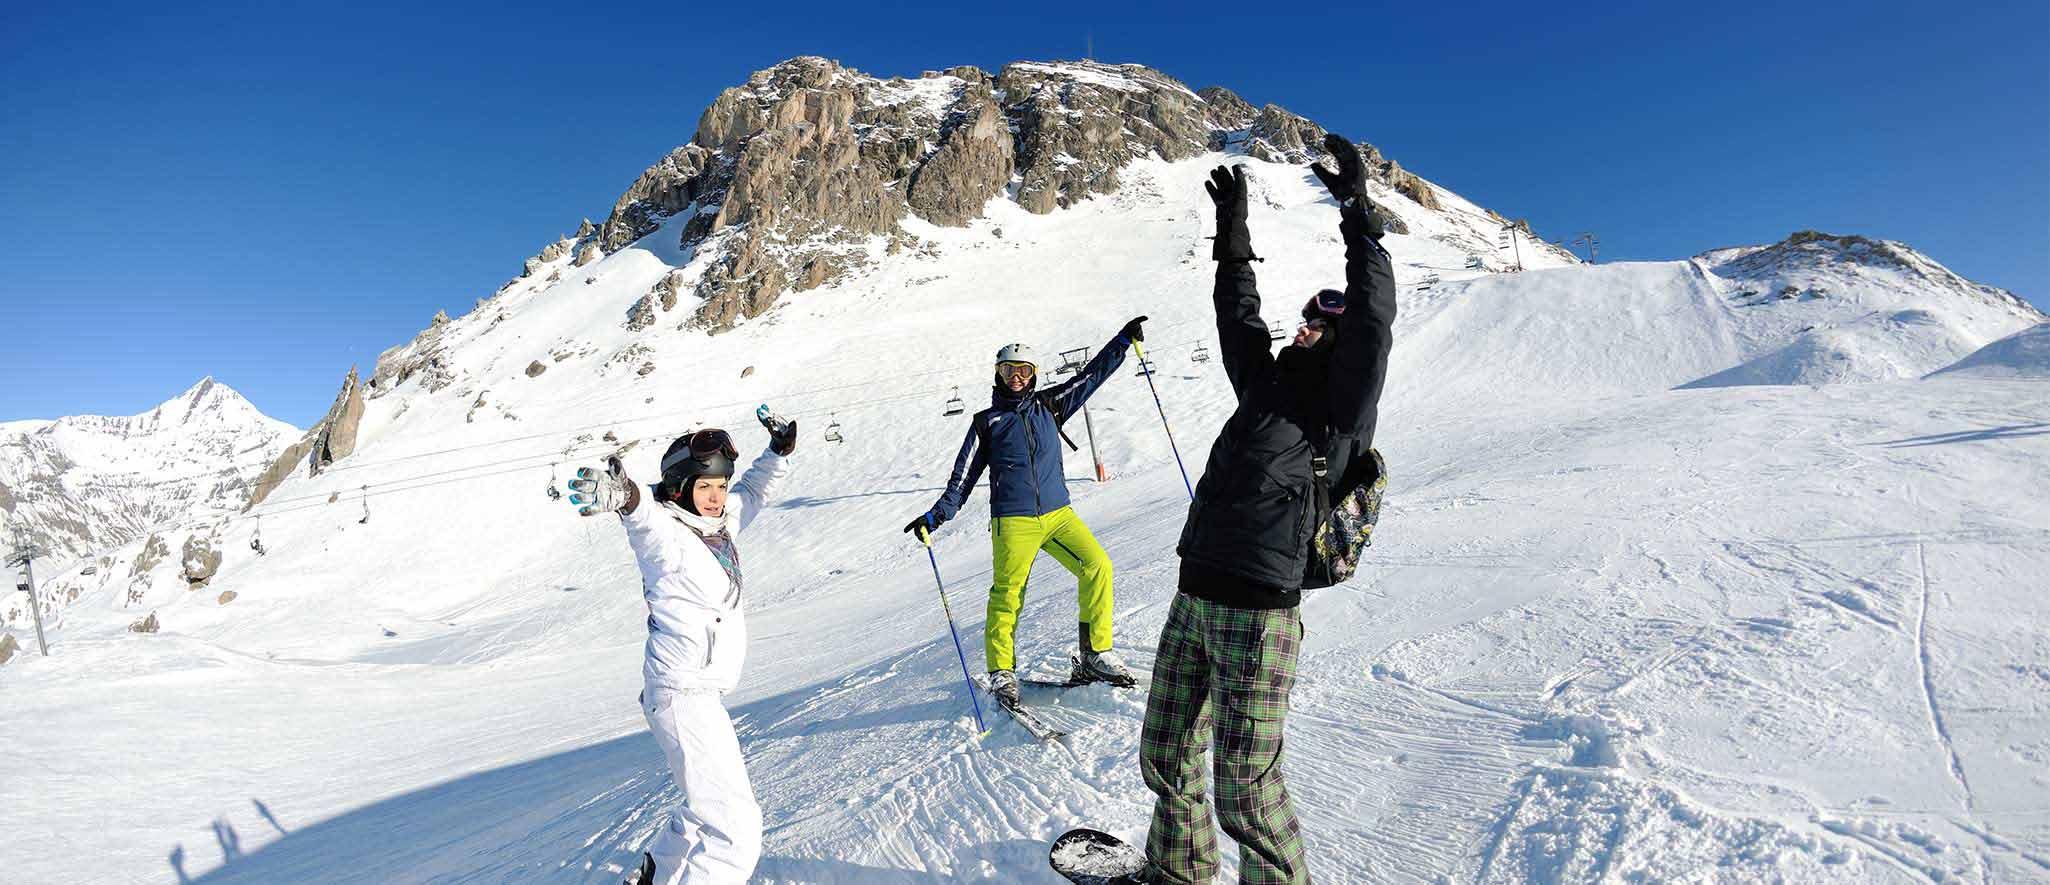 Vacances d'hiver à la montagne